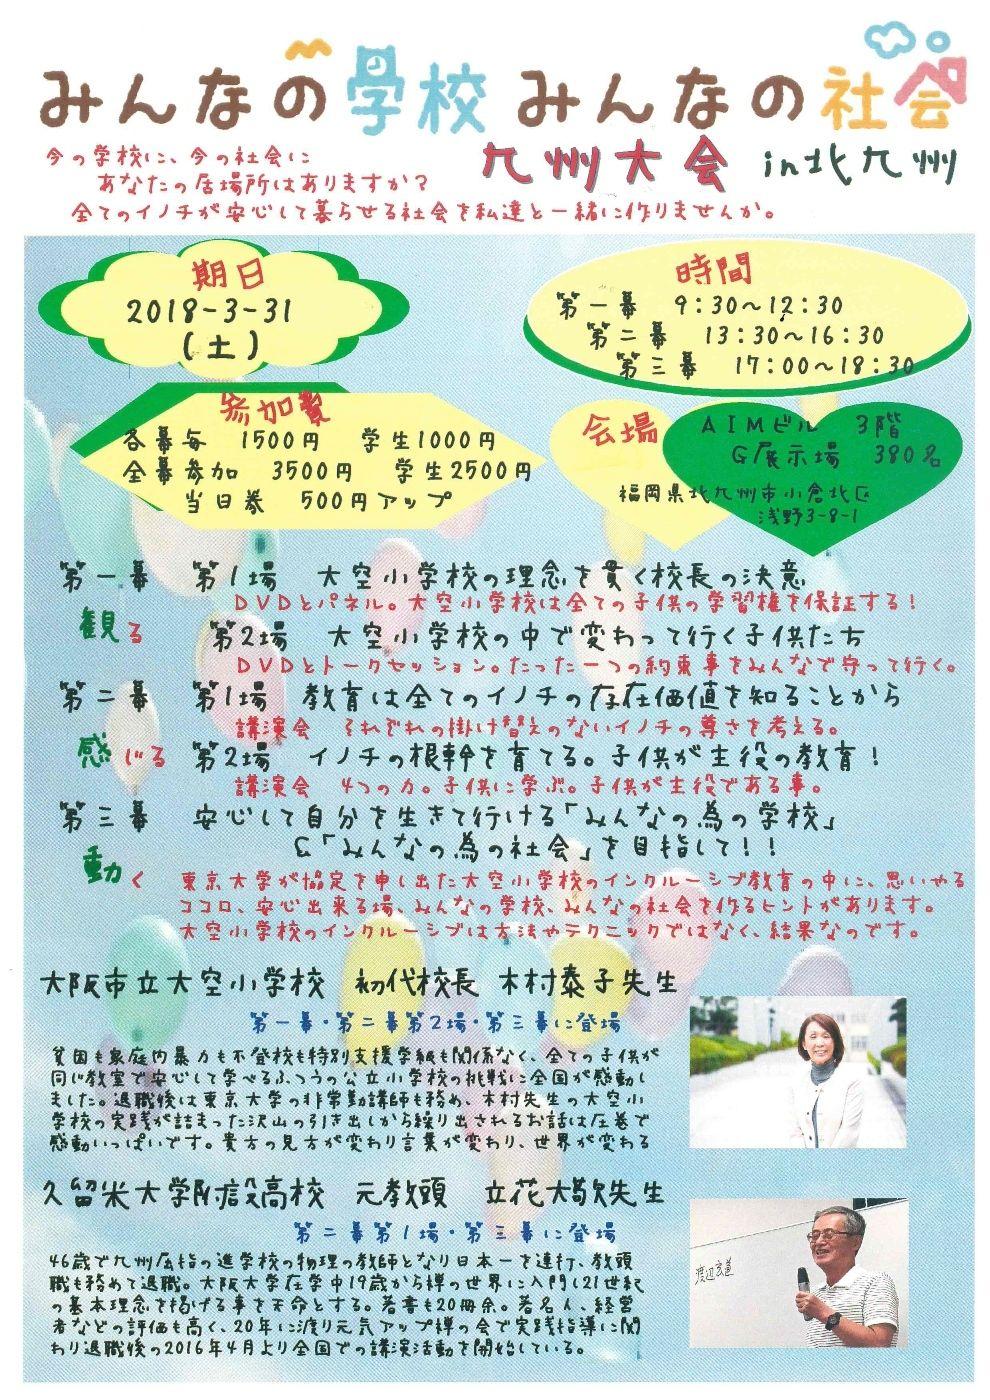 全幕 【学生用】 みんなの学校 みんなの社会 九州大会 in北九州